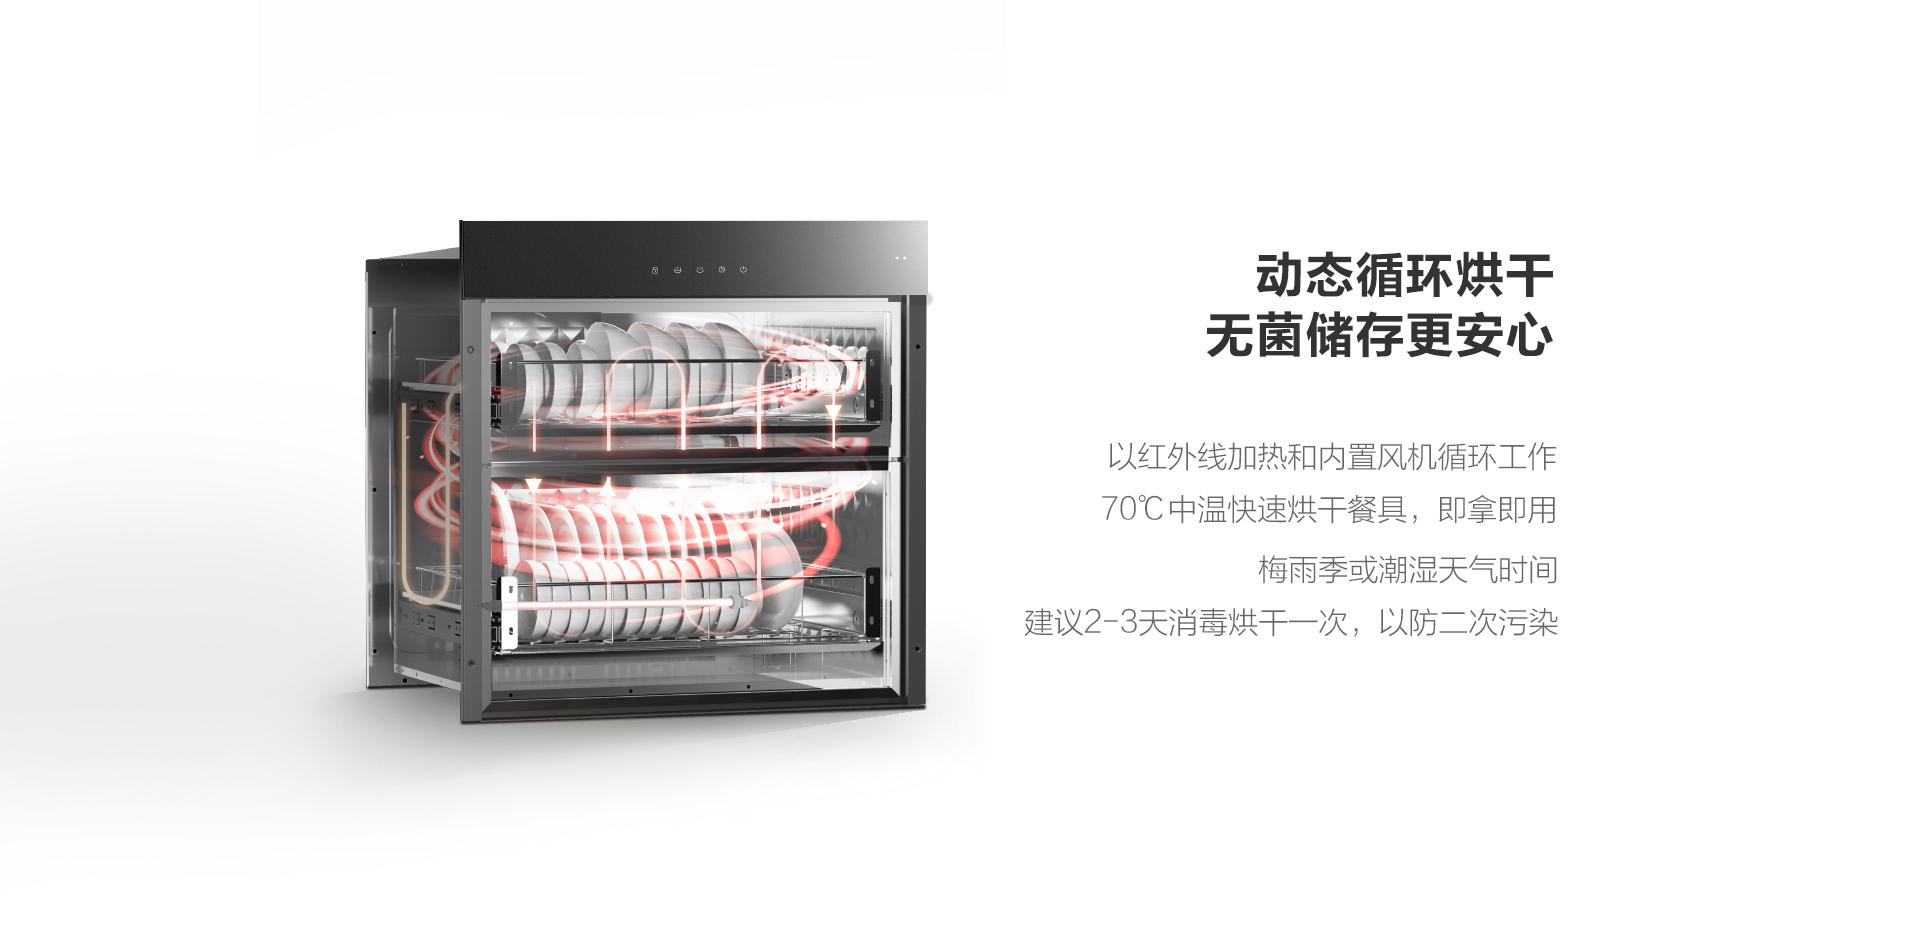 XB831消毒柜-上新-PC端-190918_03.jpg